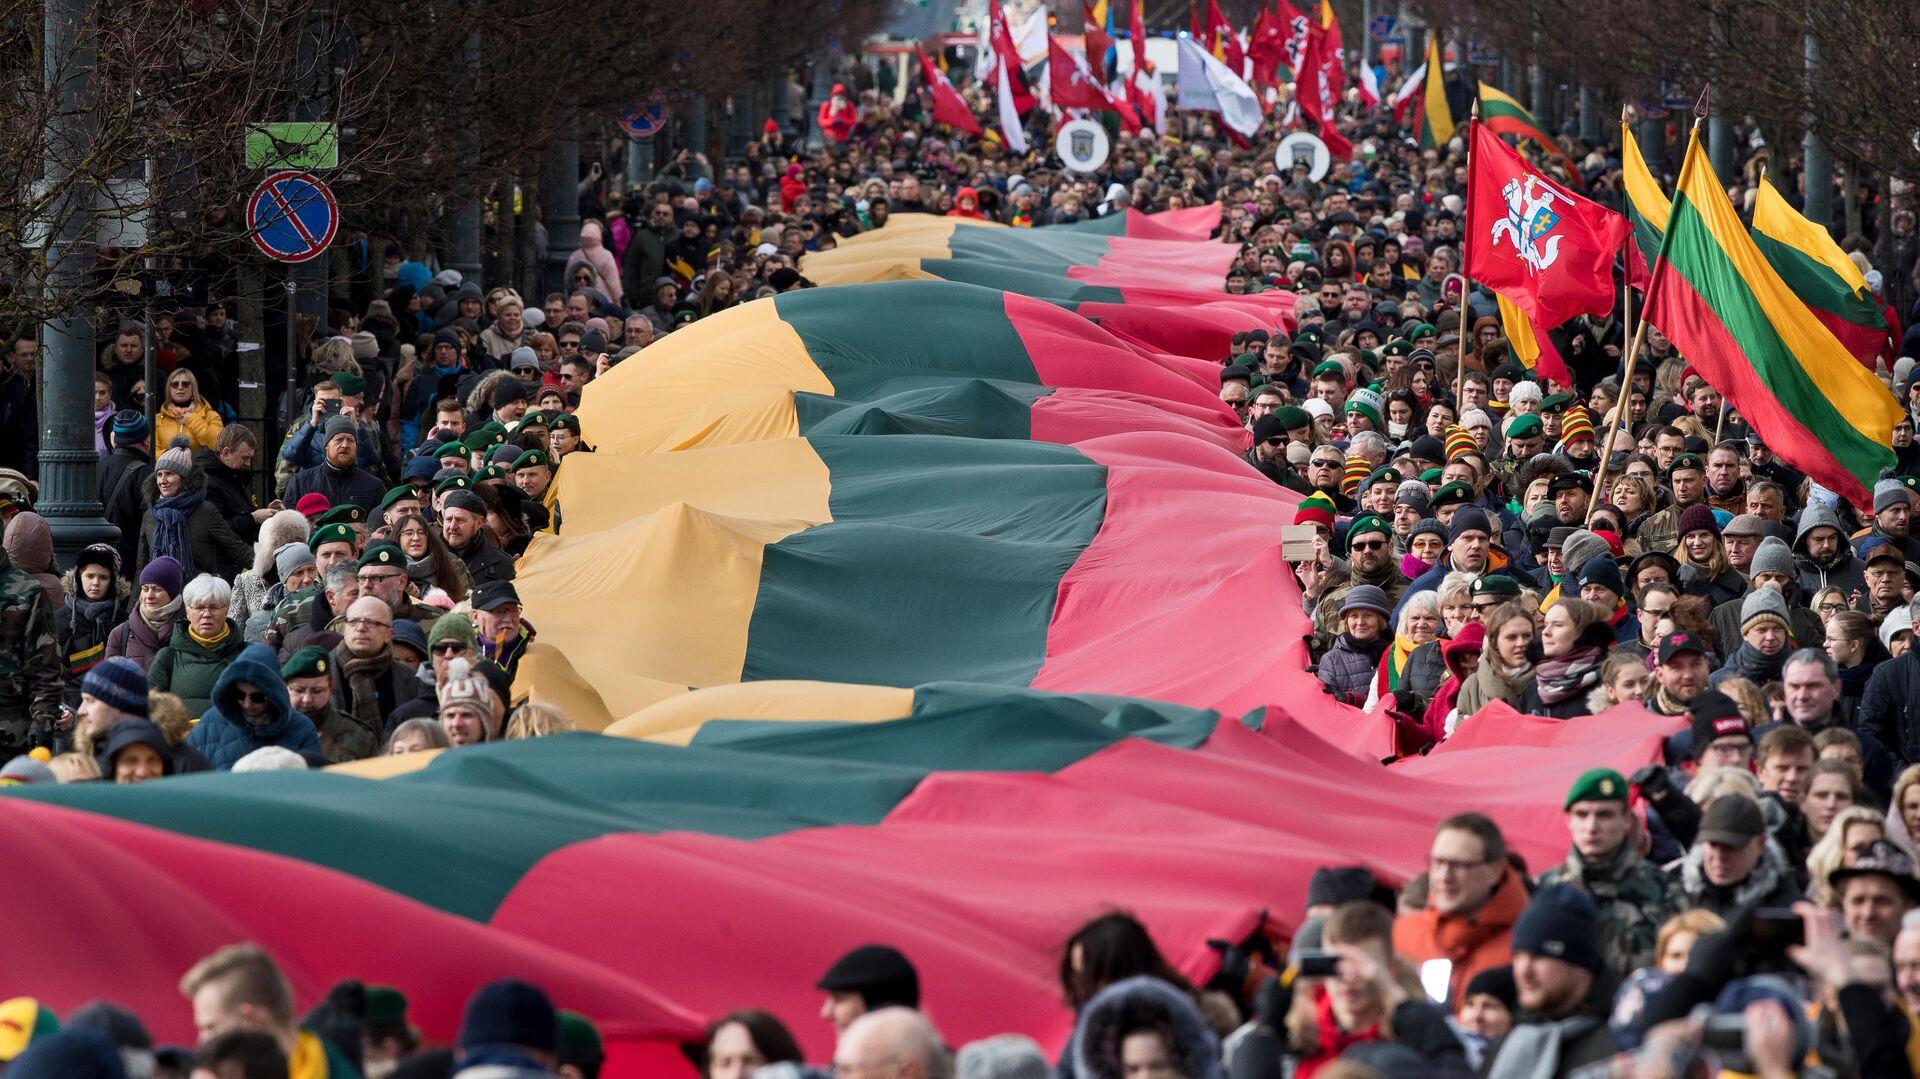 Празднование дня независимости Литвы в Вильнюсе - РИА Новости, 1920, 06.09.2020